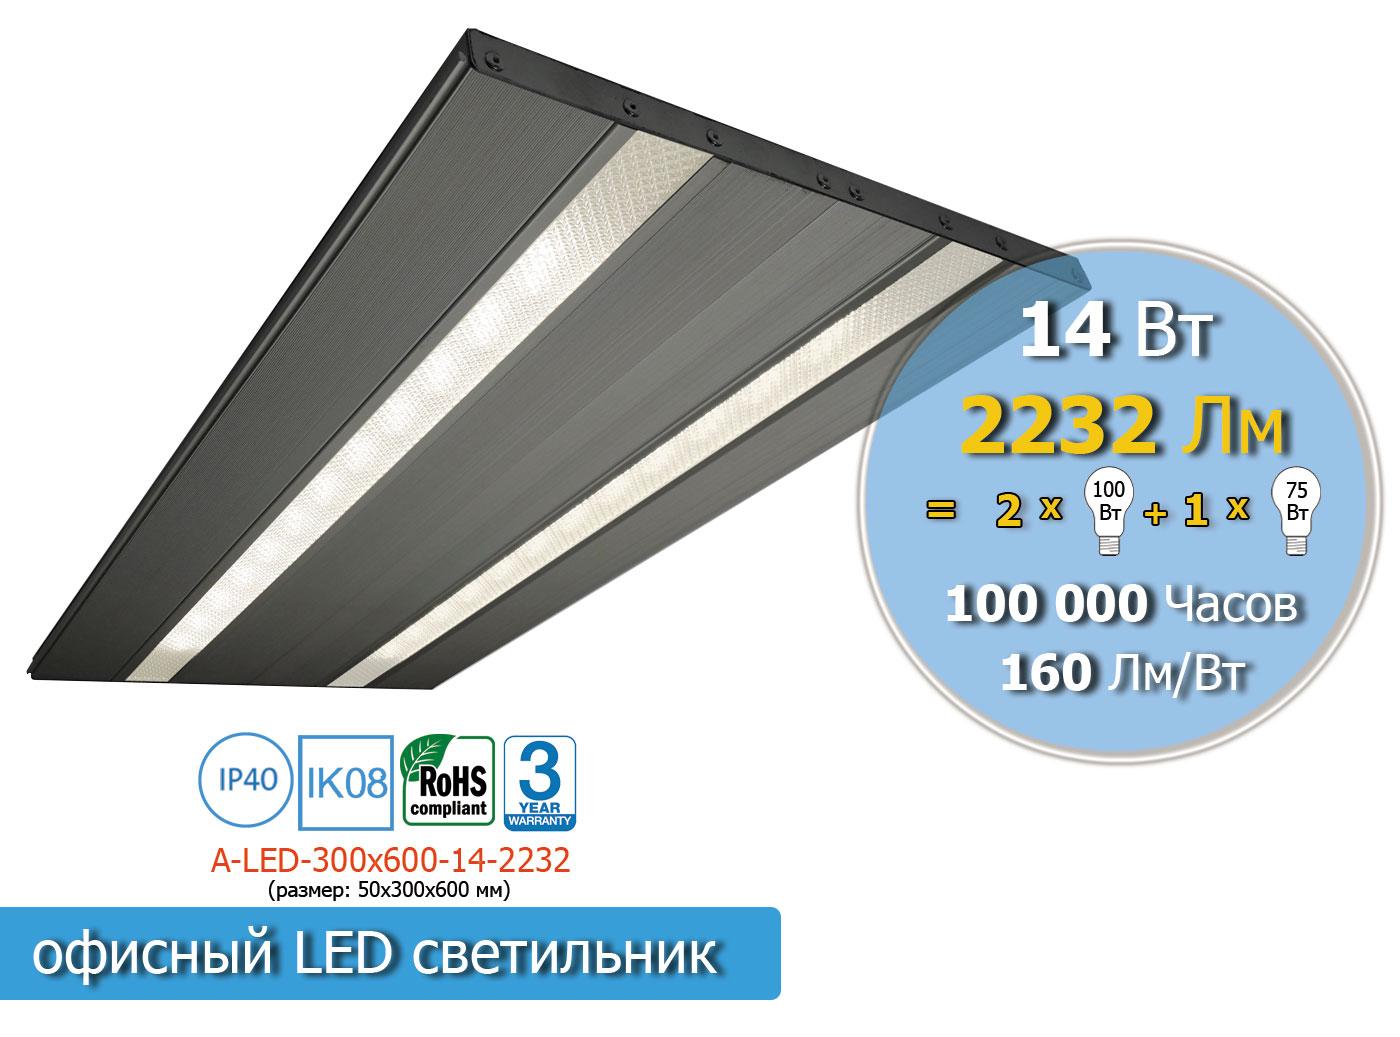 Офисный LED светильник 14 Вт